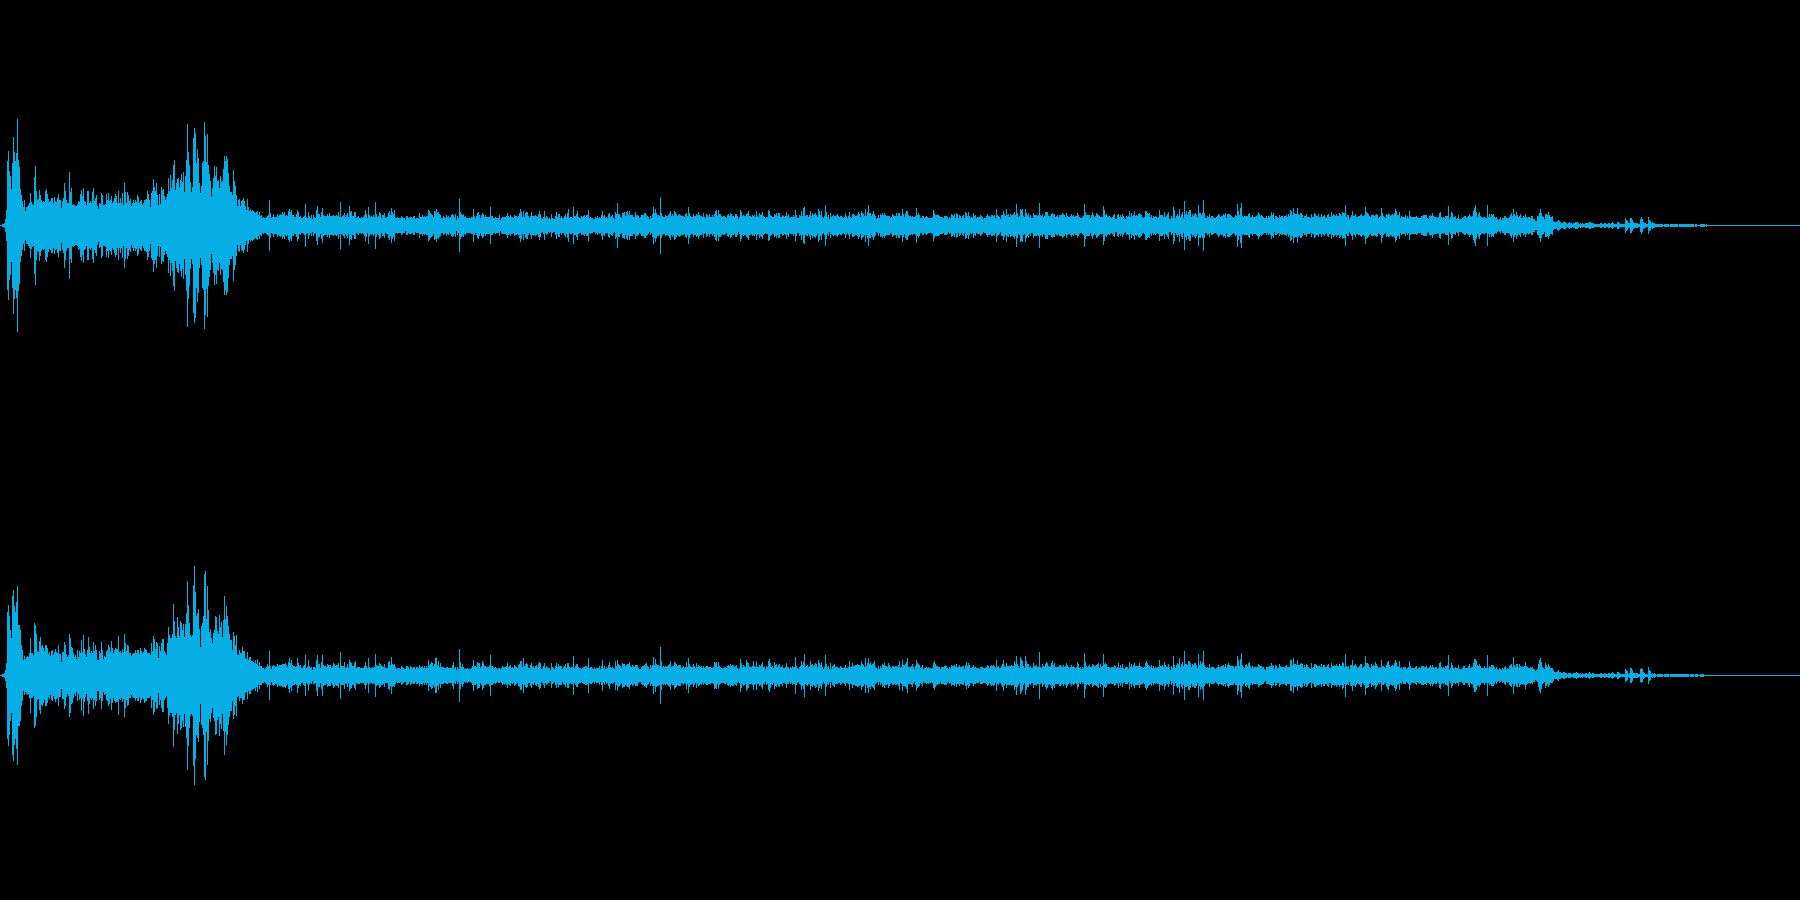 [生録音]水洗トイレを流す06の再生済みの波形